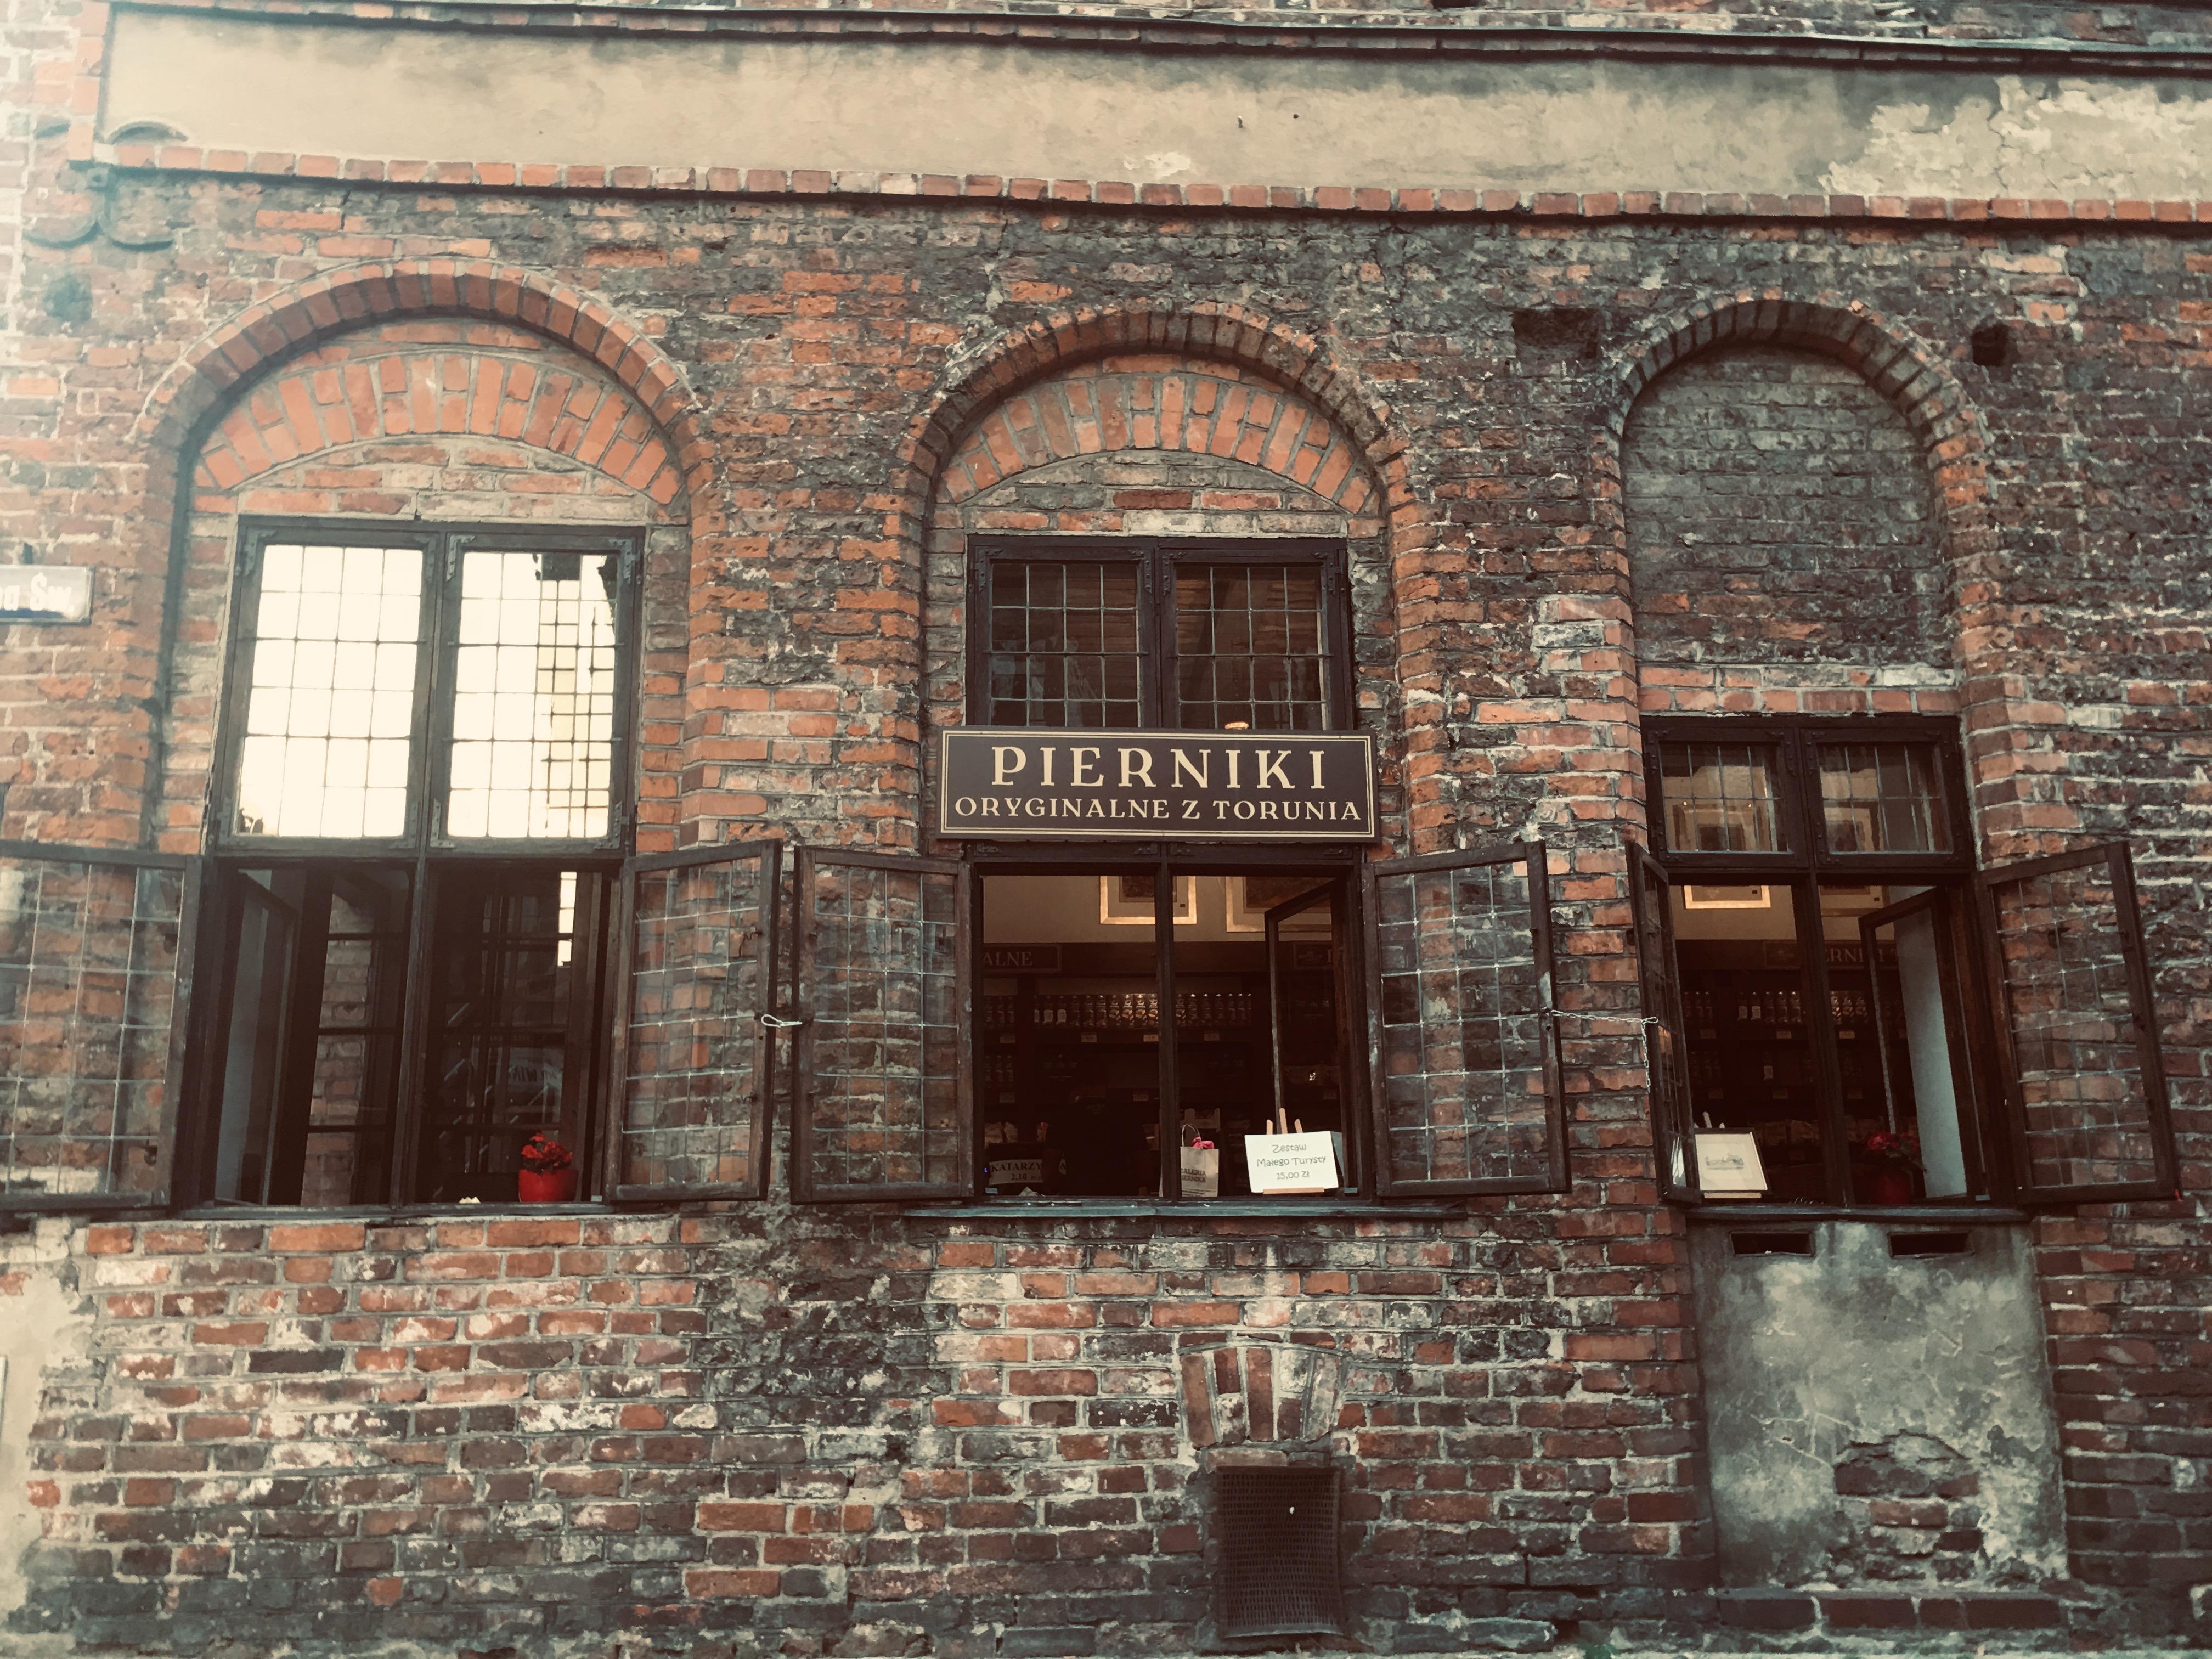 co warto zobaczyć w Toruniu, sklep z piernikami